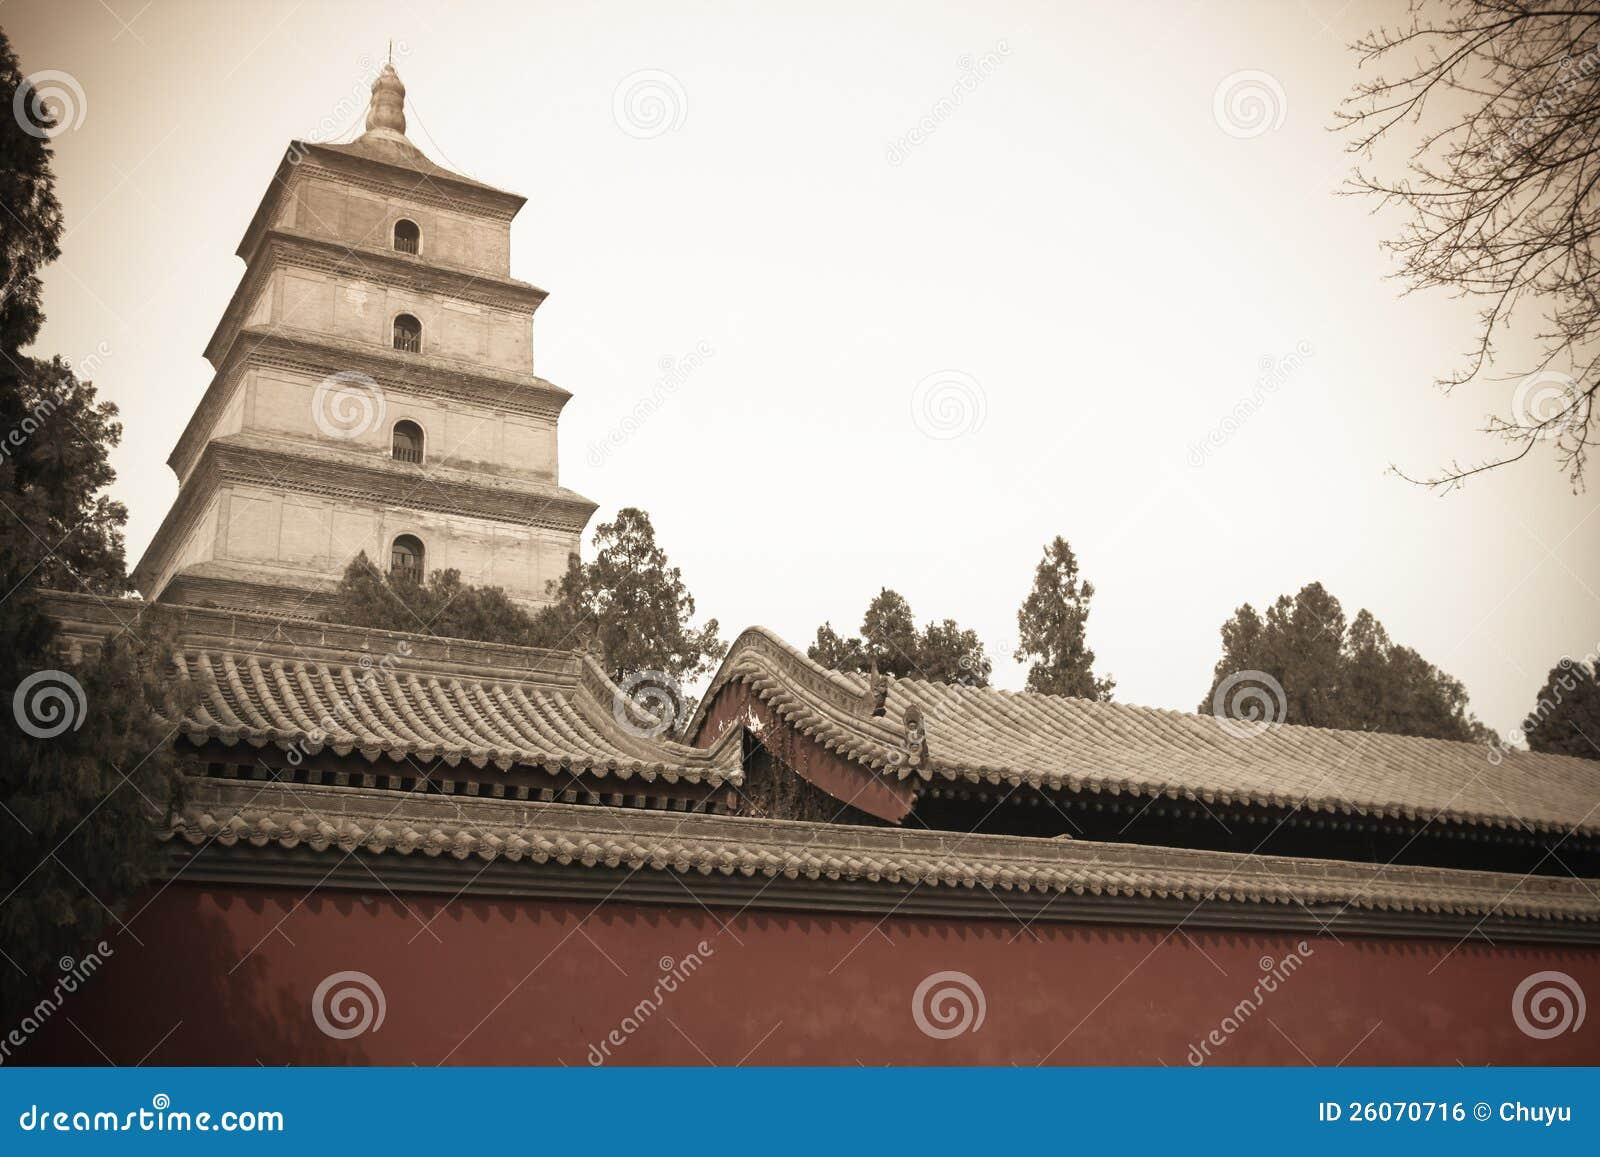 中国大通配鹅塔